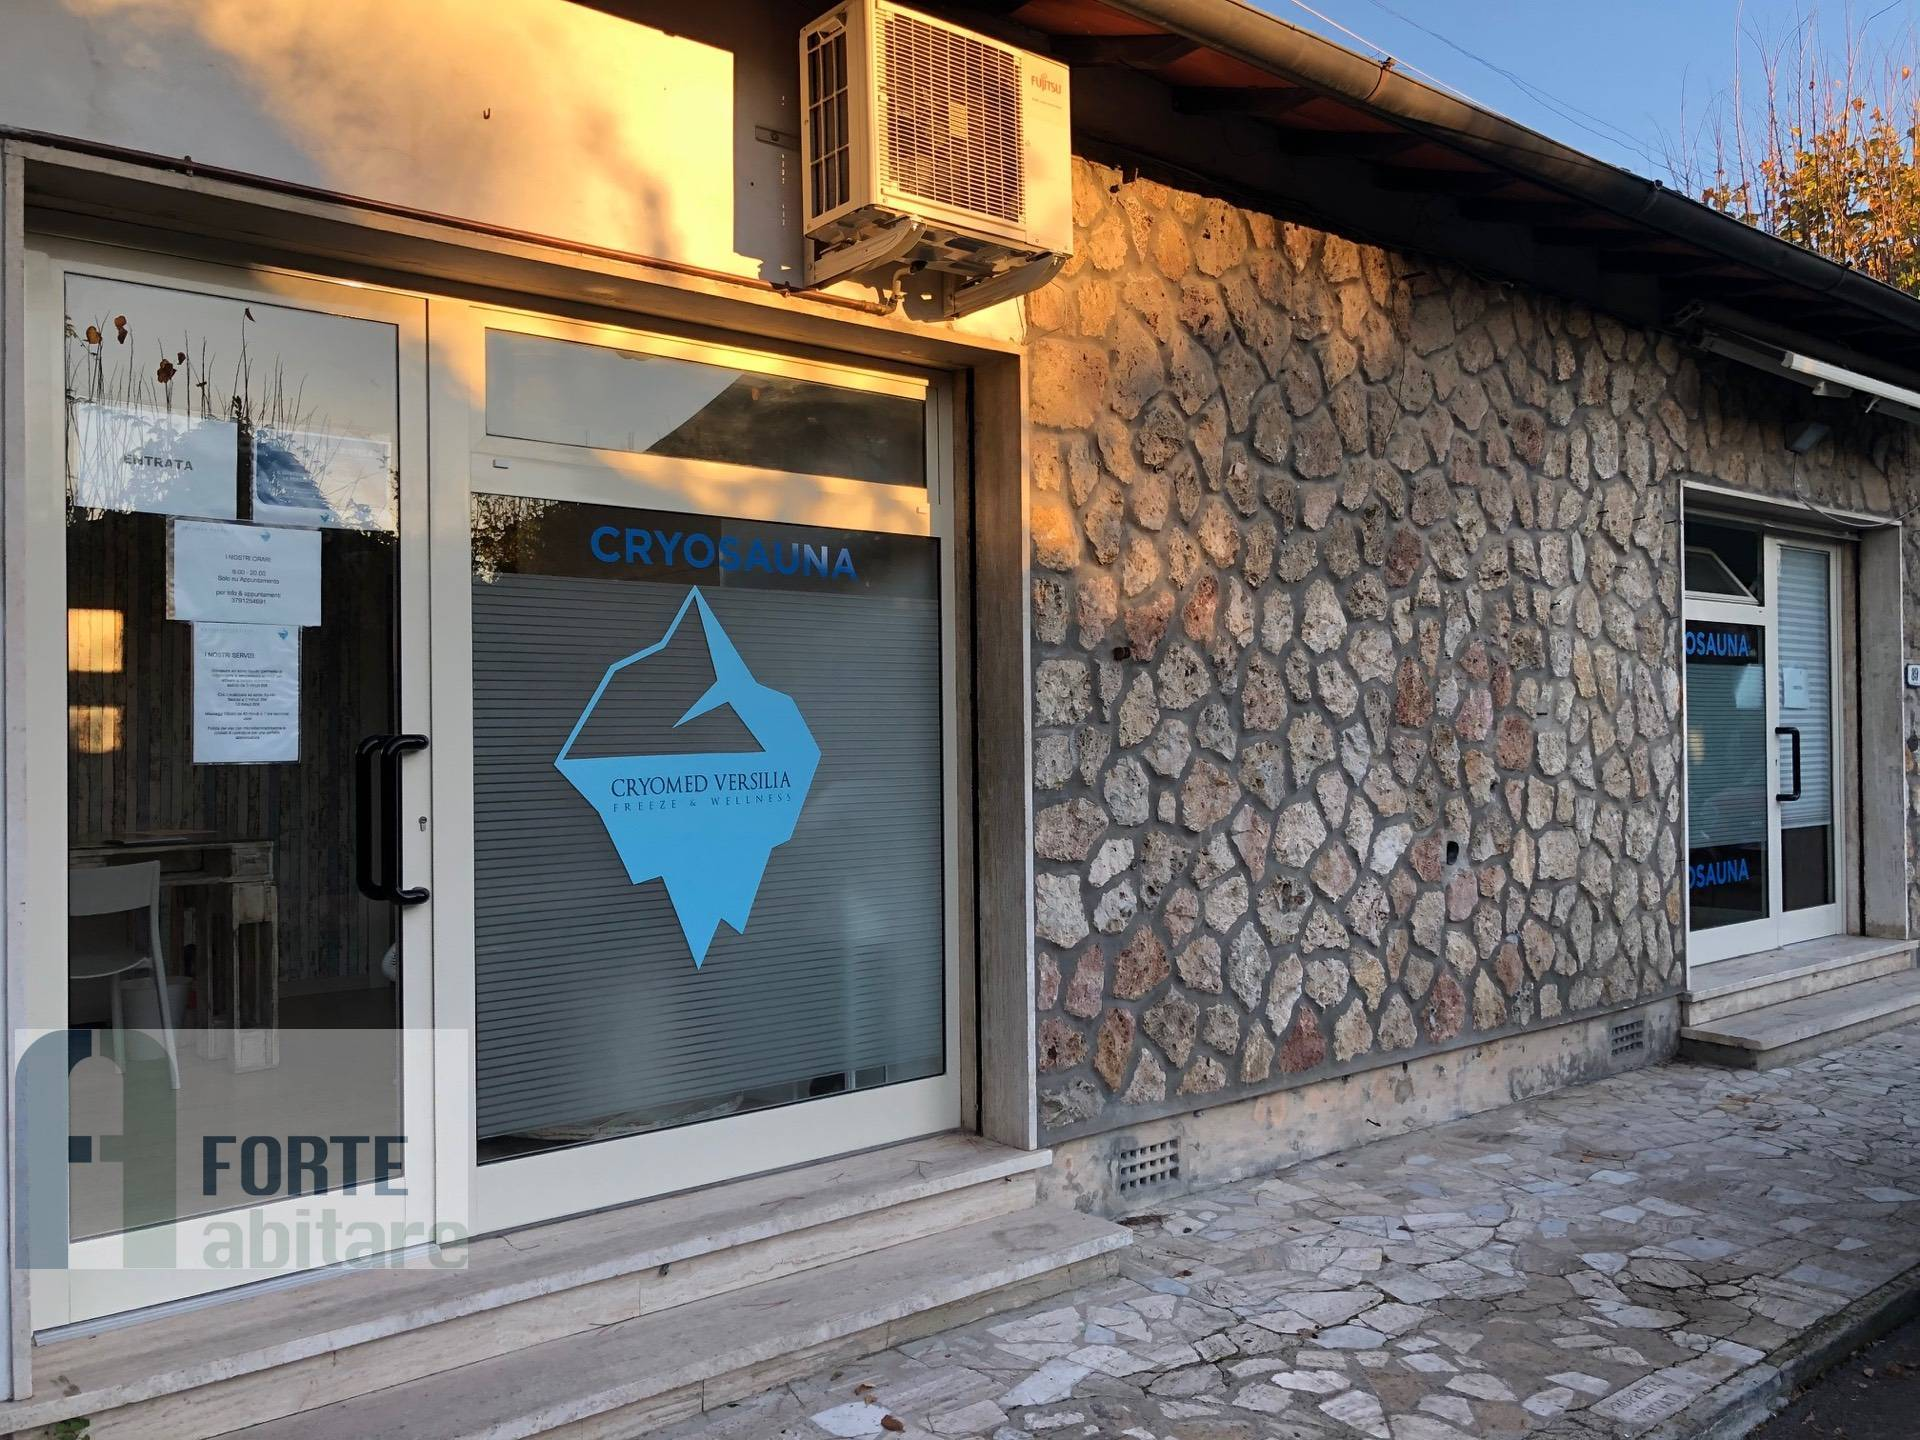 Negozio / Locale in affitto a Forte dei Marmi, 9999 locali, zona Zona: Caranna, prezzo € 15.000 | CambioCasa.it